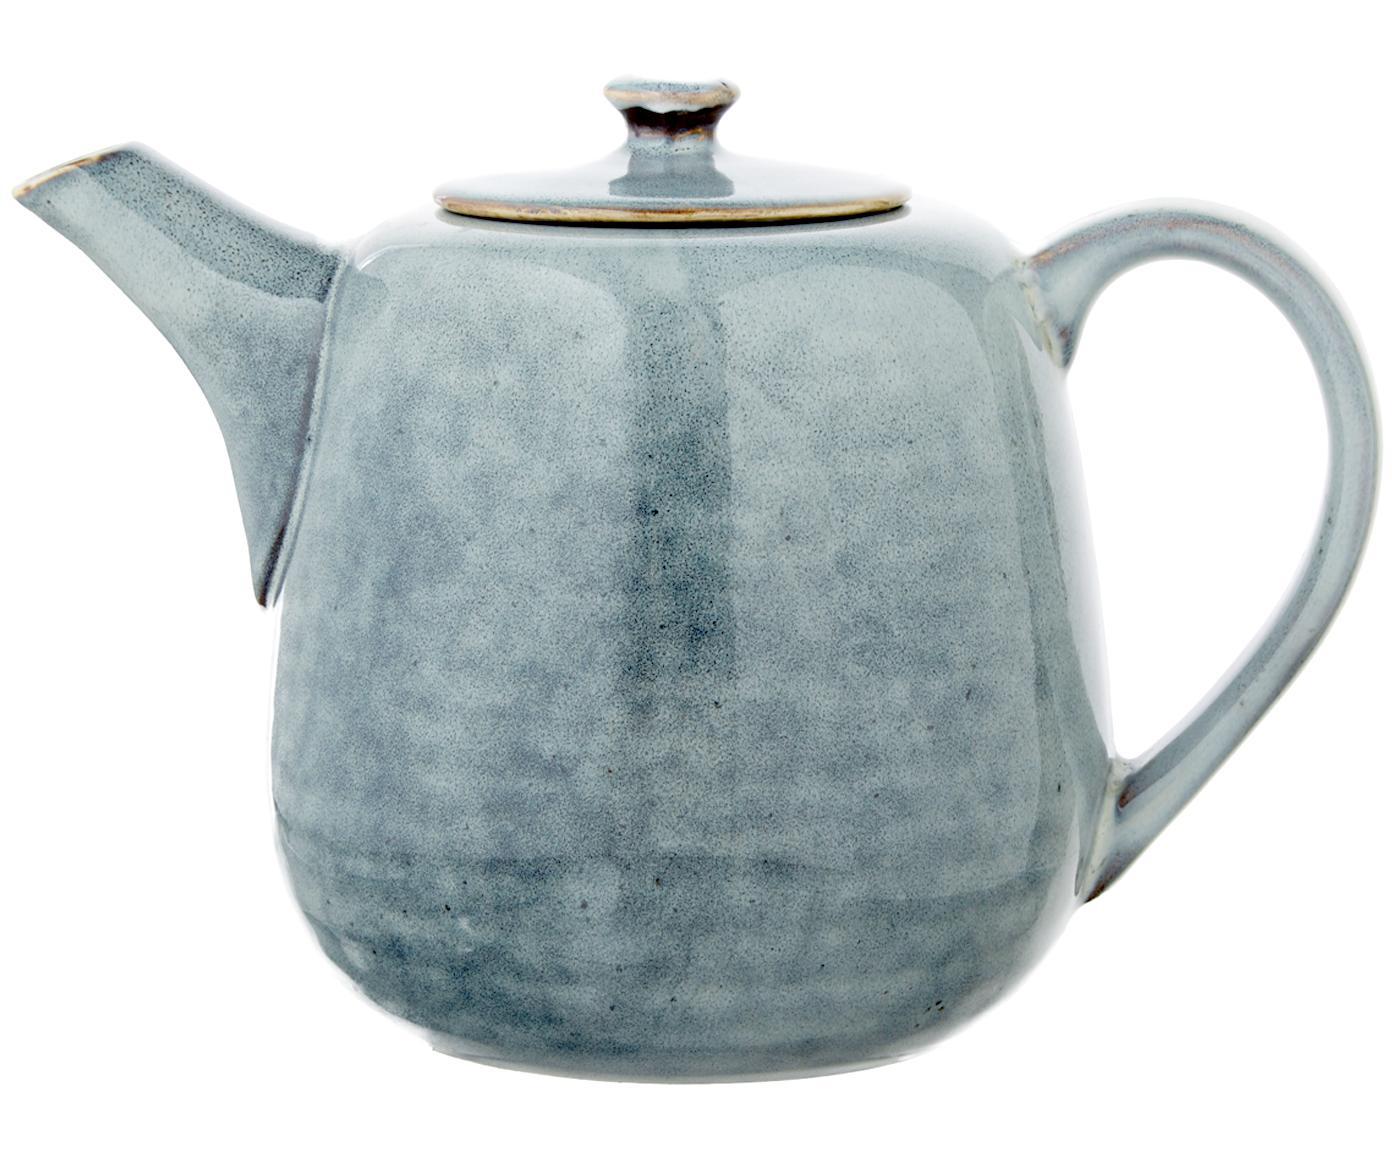 Handgemachte Teekanne Nordic Sea, Steingut, Grau- und Blautöne, 1 L